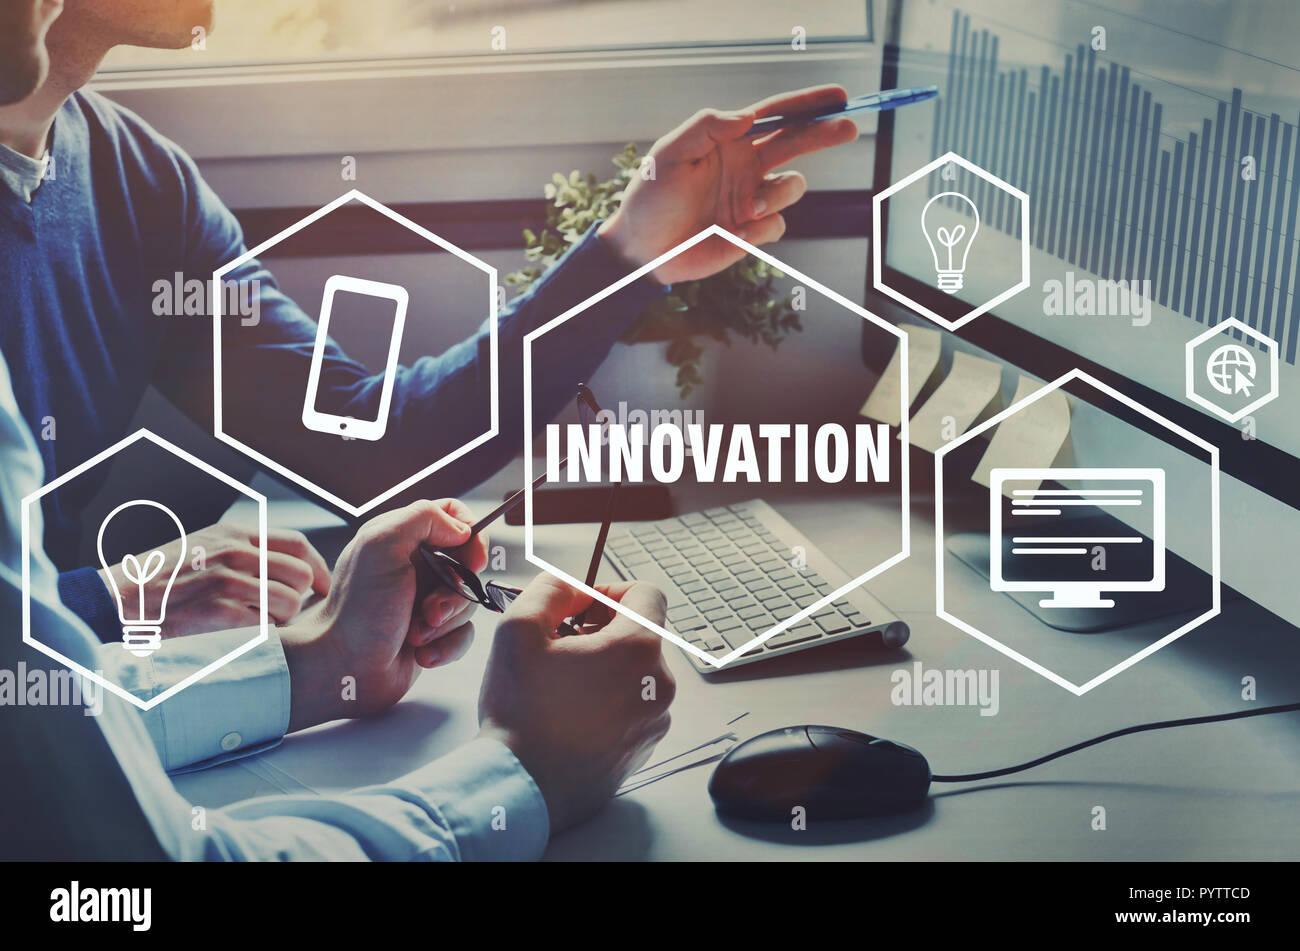 Innovación tecnológica para el negocio, idea, concepto innovador con iconos Imagen De Stock